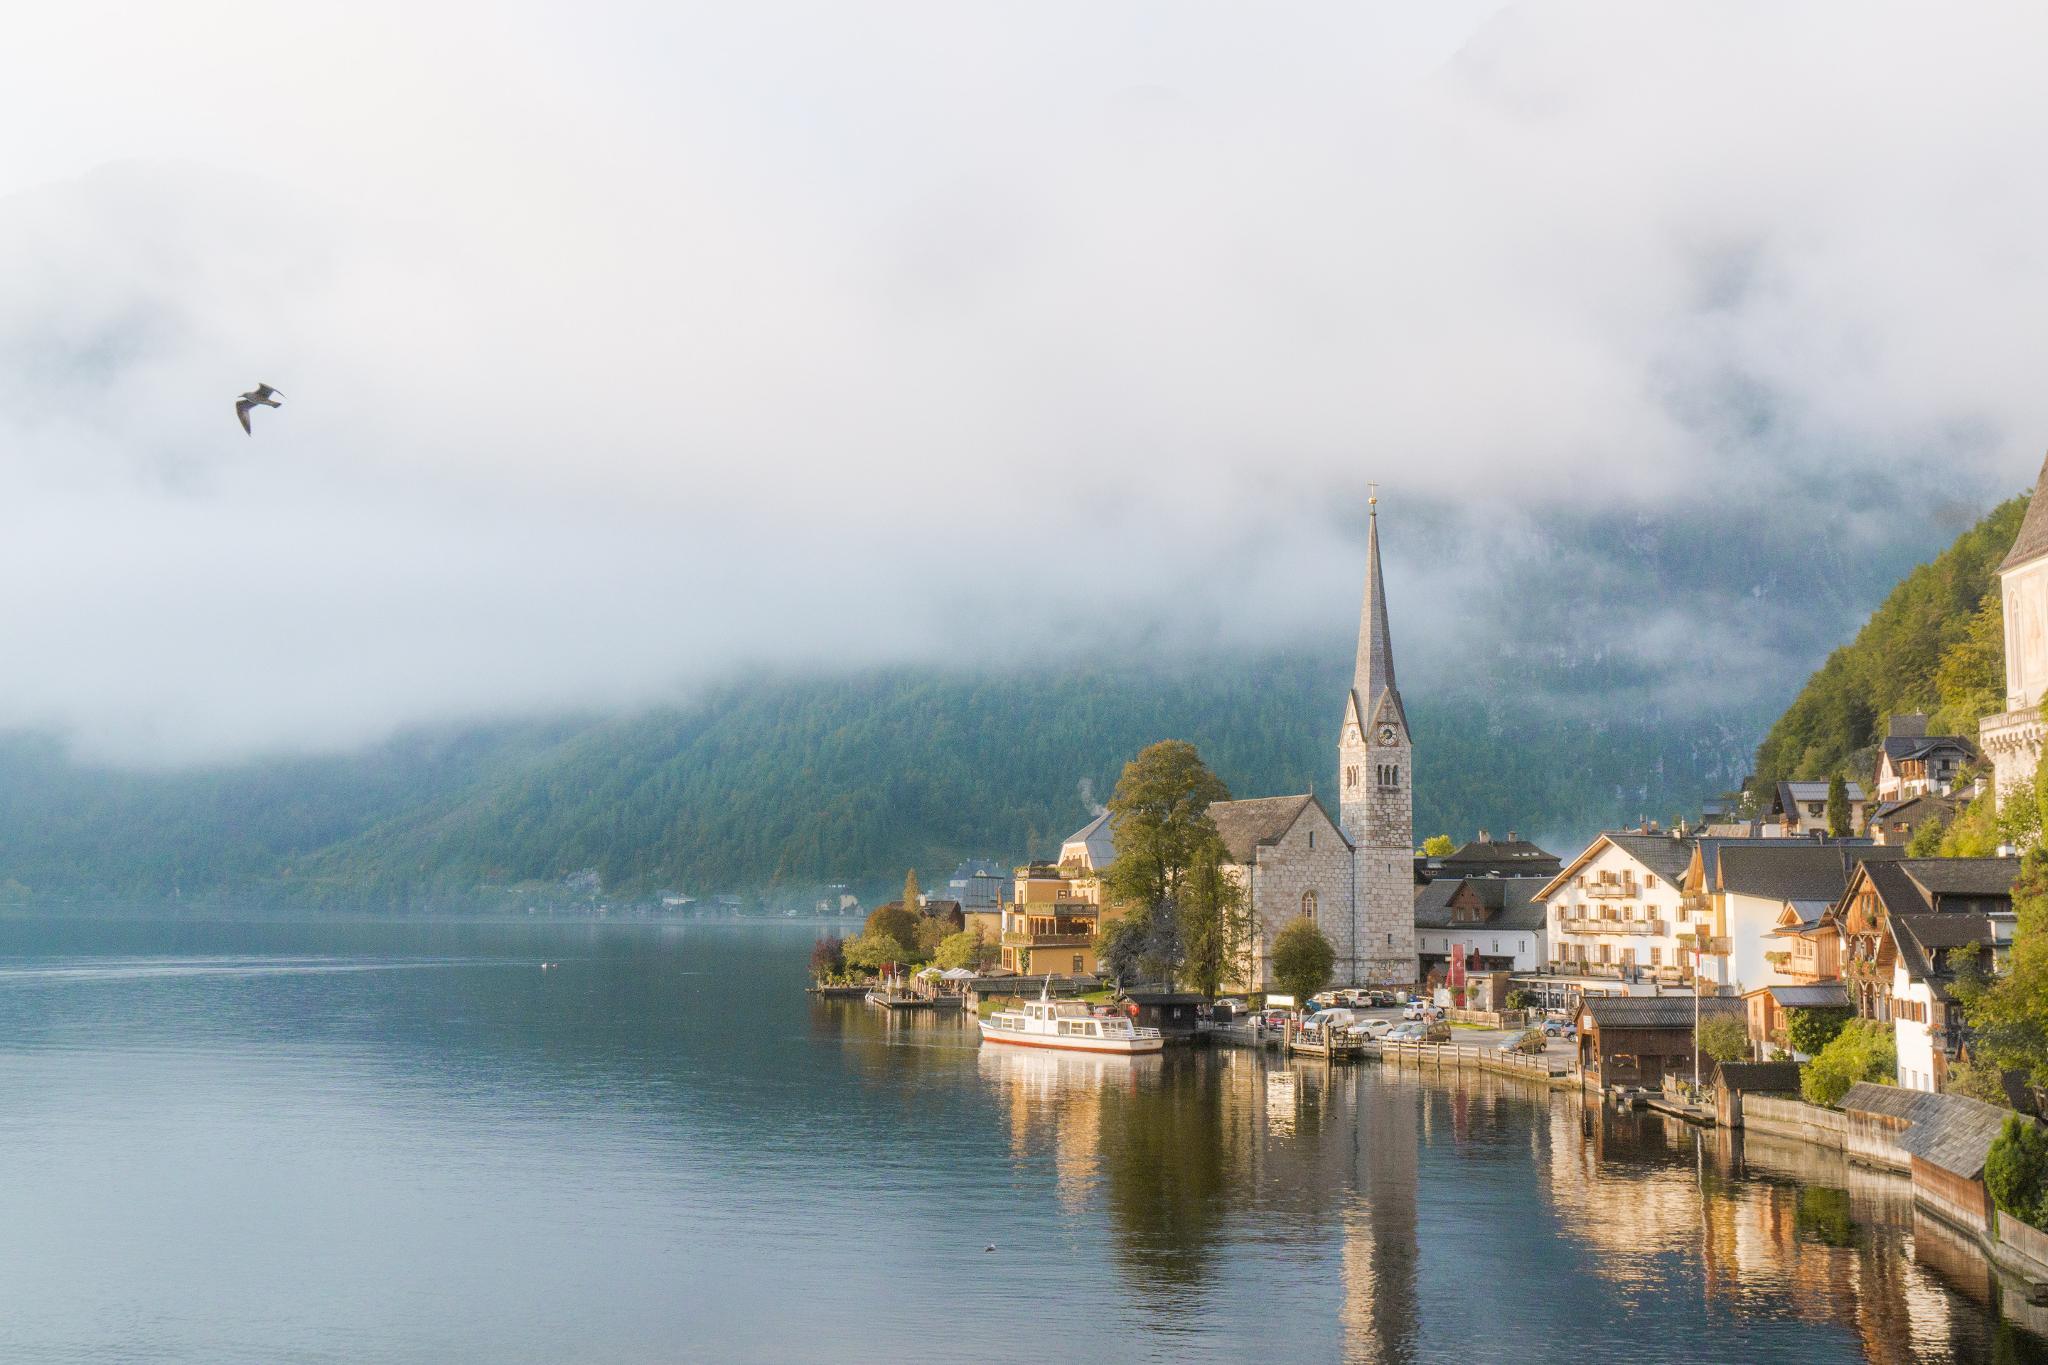 【奧地利】童話仙境 Hallstatt 哈修塔特 — 追逐世界遺產小鎮的夢幻黃金日出 7